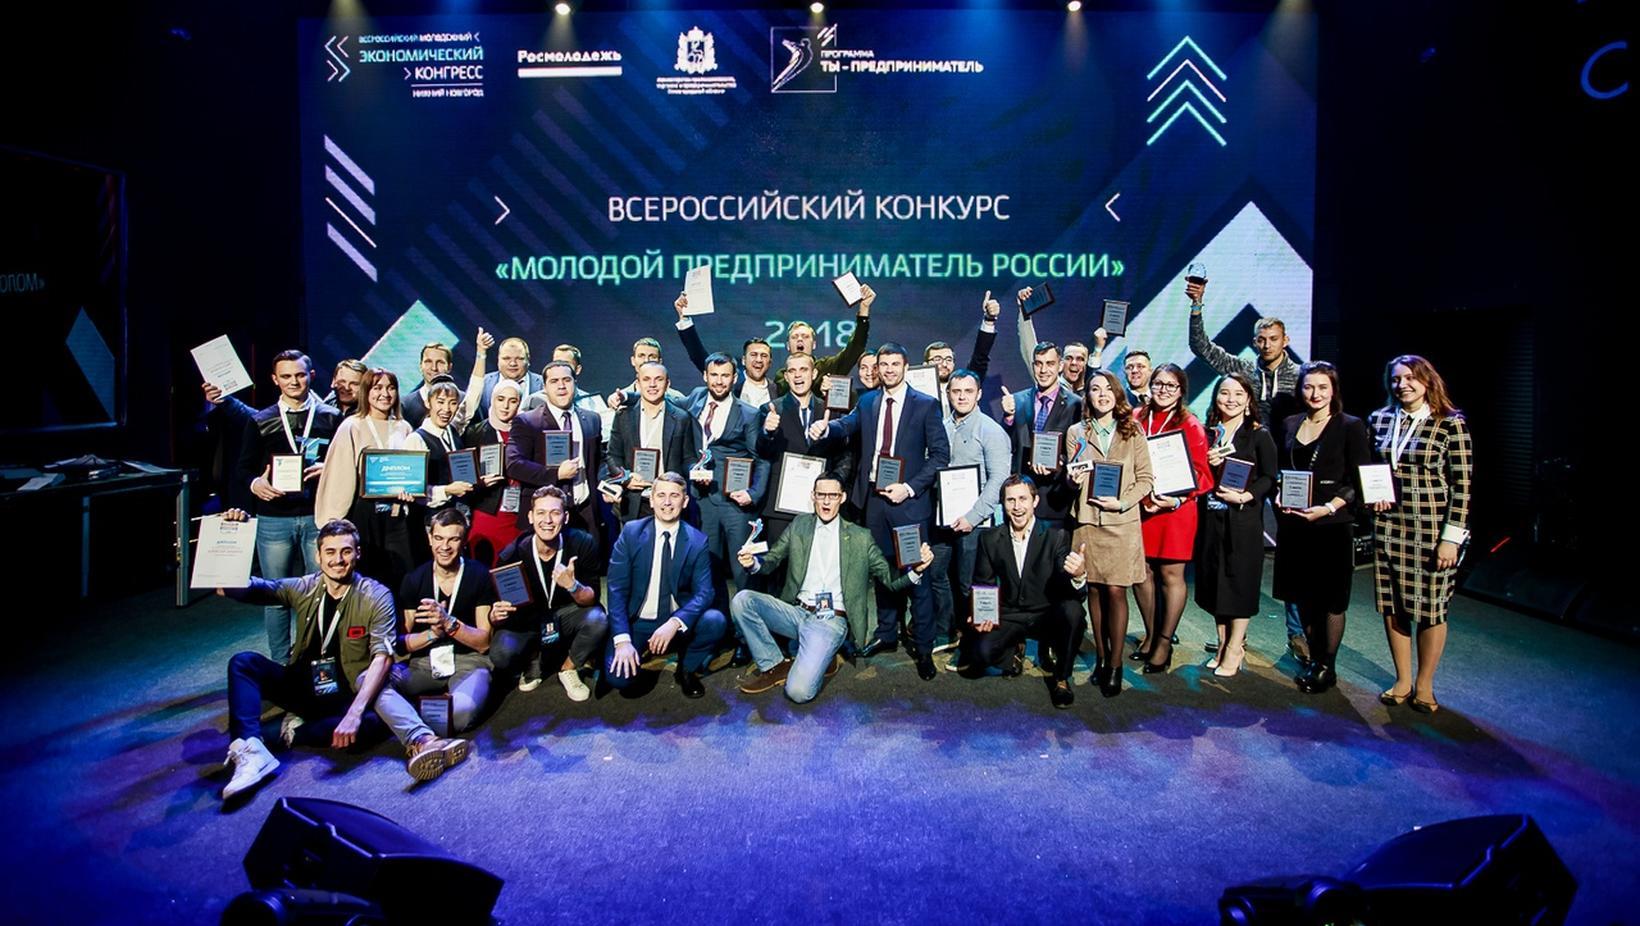 Открыта регистрация на конкурс «Молодой предприниматель России»